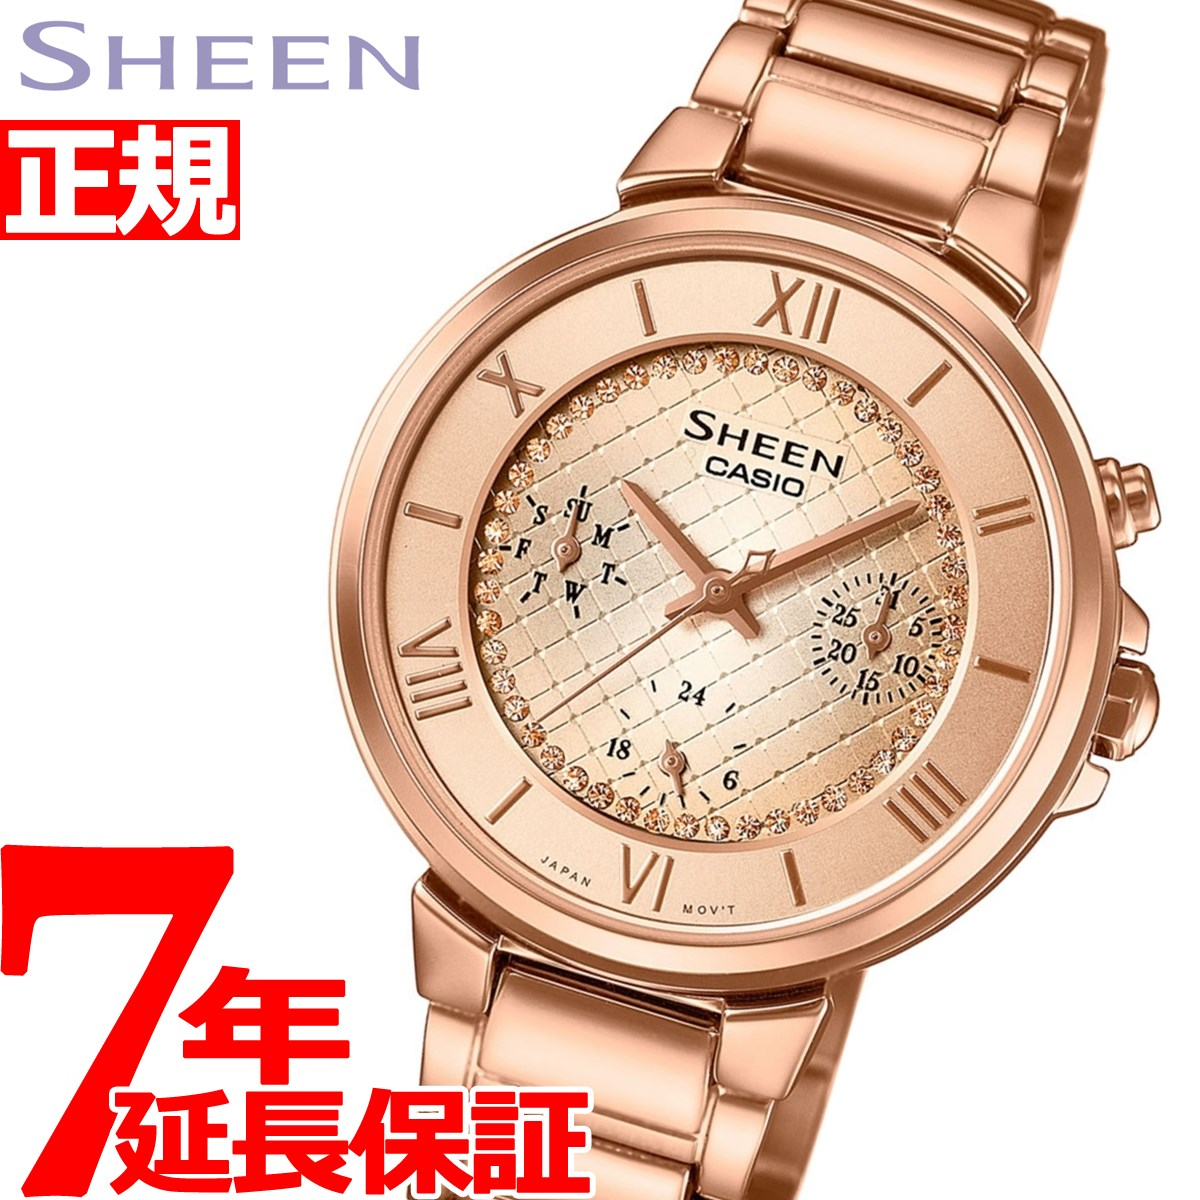 【お買い物マラソンは当店がお得♪本日20より!】カシオ シーン CASIO SHEEN 腕時計 レディース アナログ SHE-3040GJ-9AJF